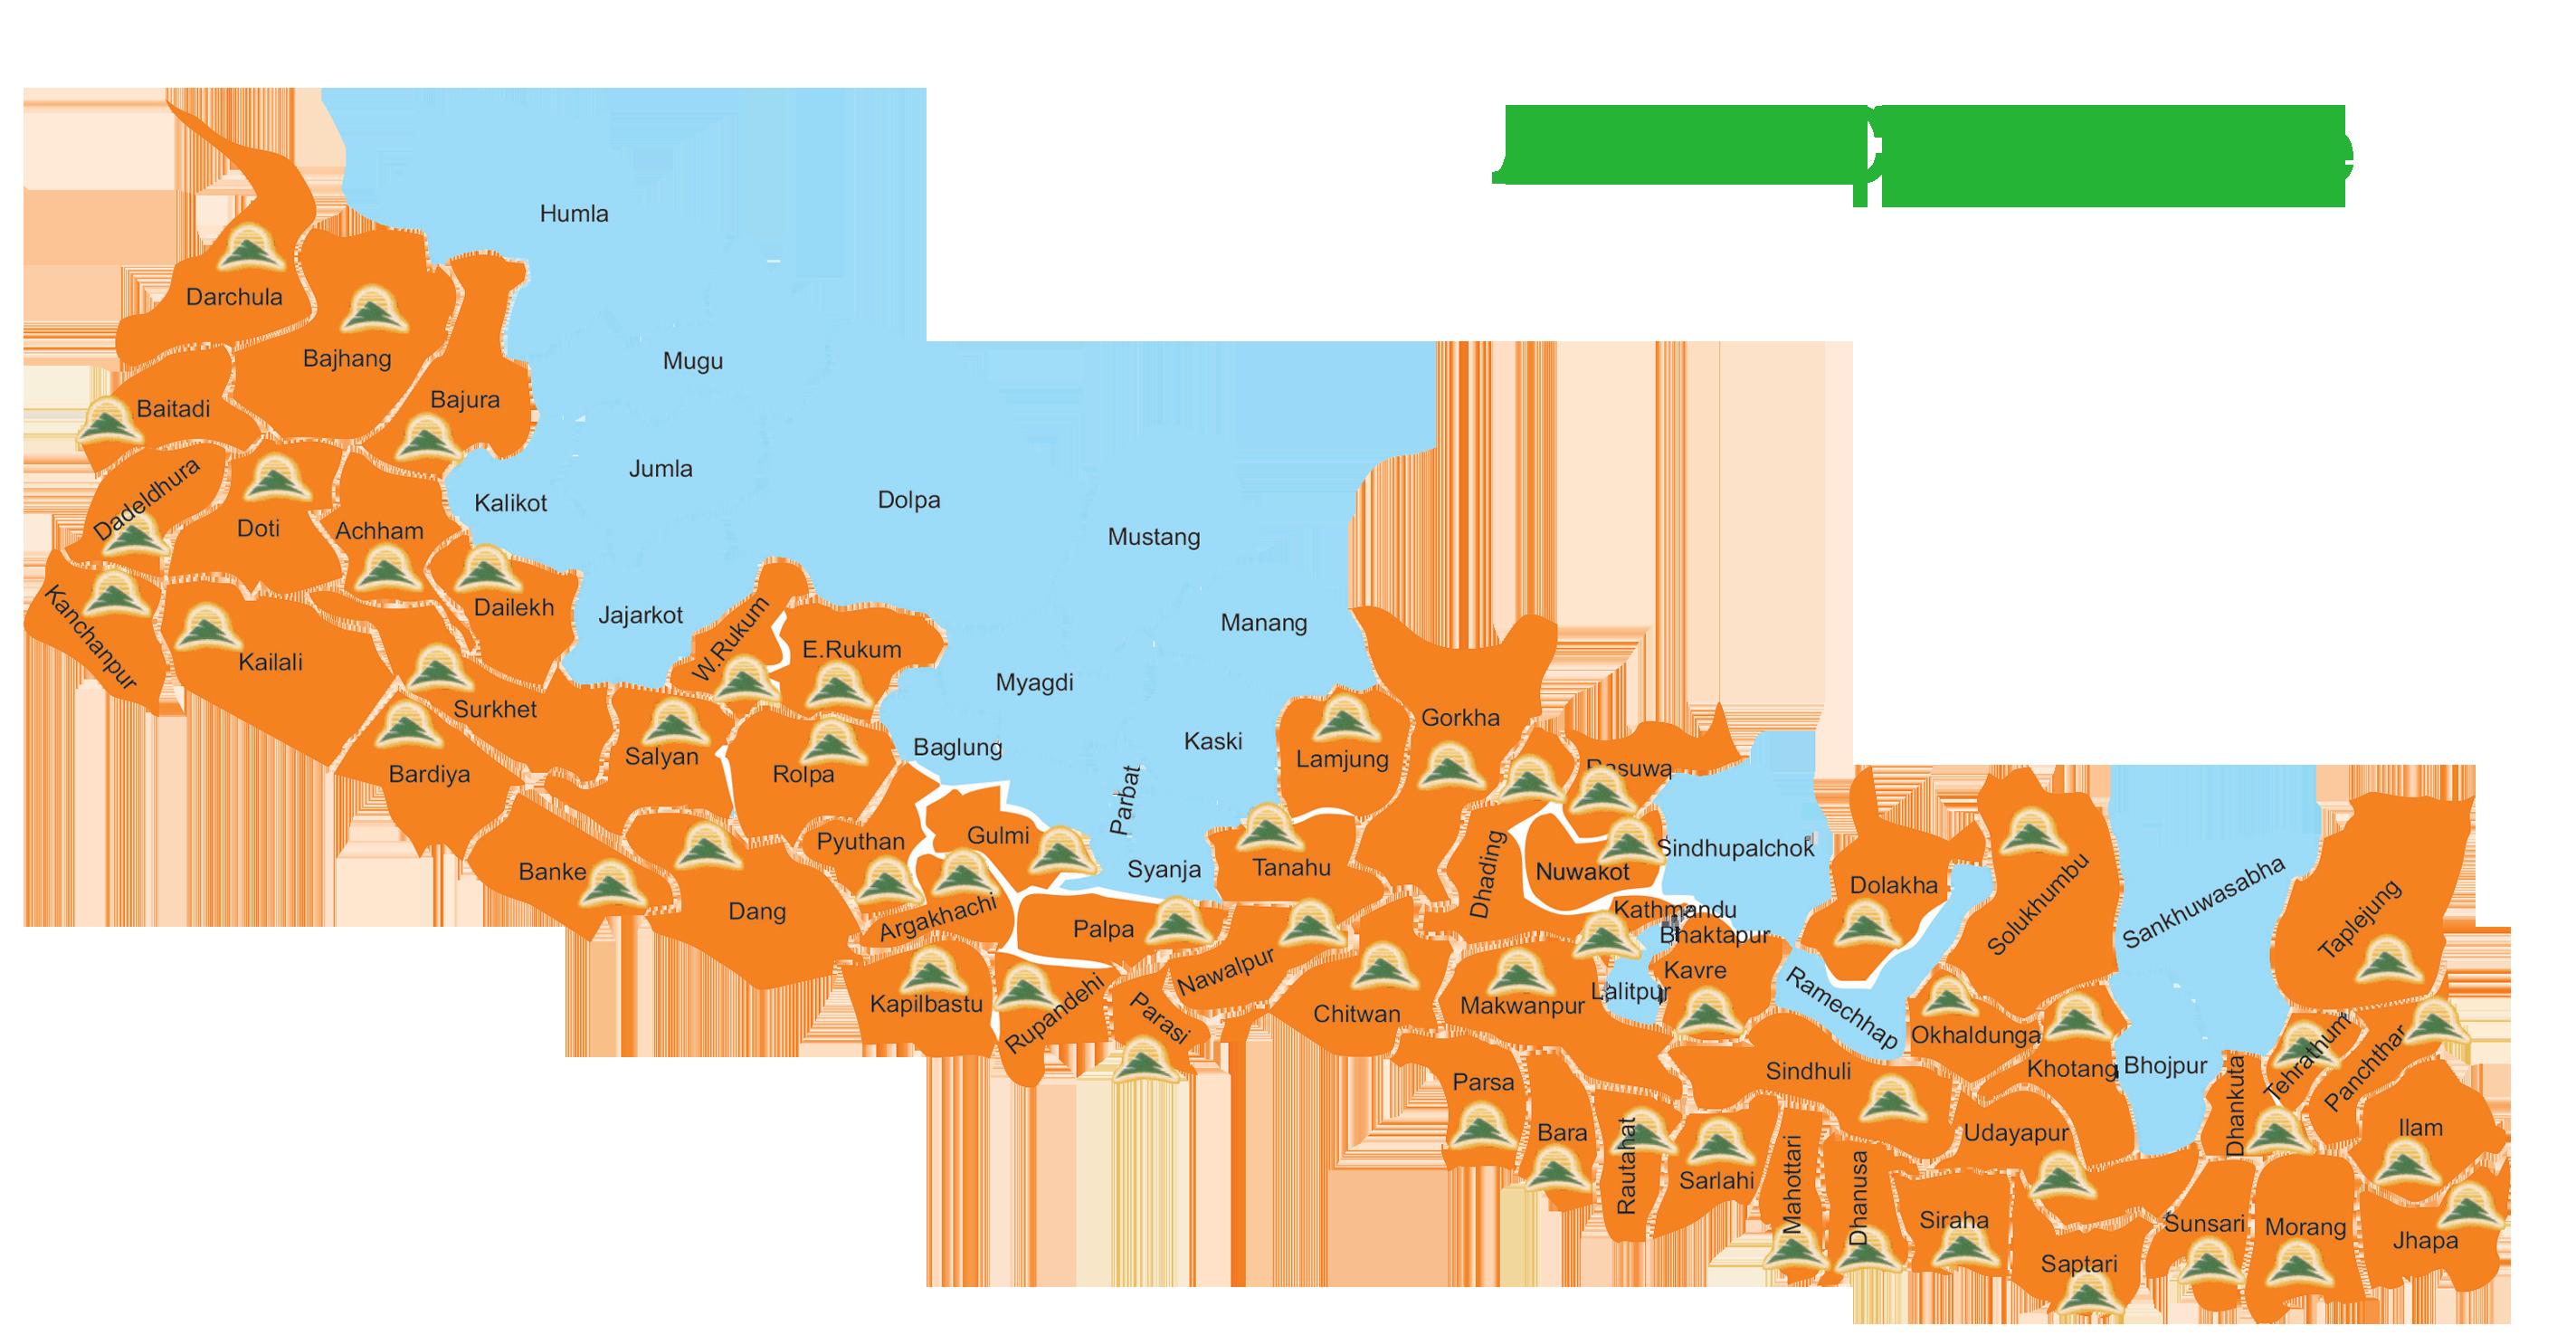 Laghubitta Bittiya Sanstha Ltd.